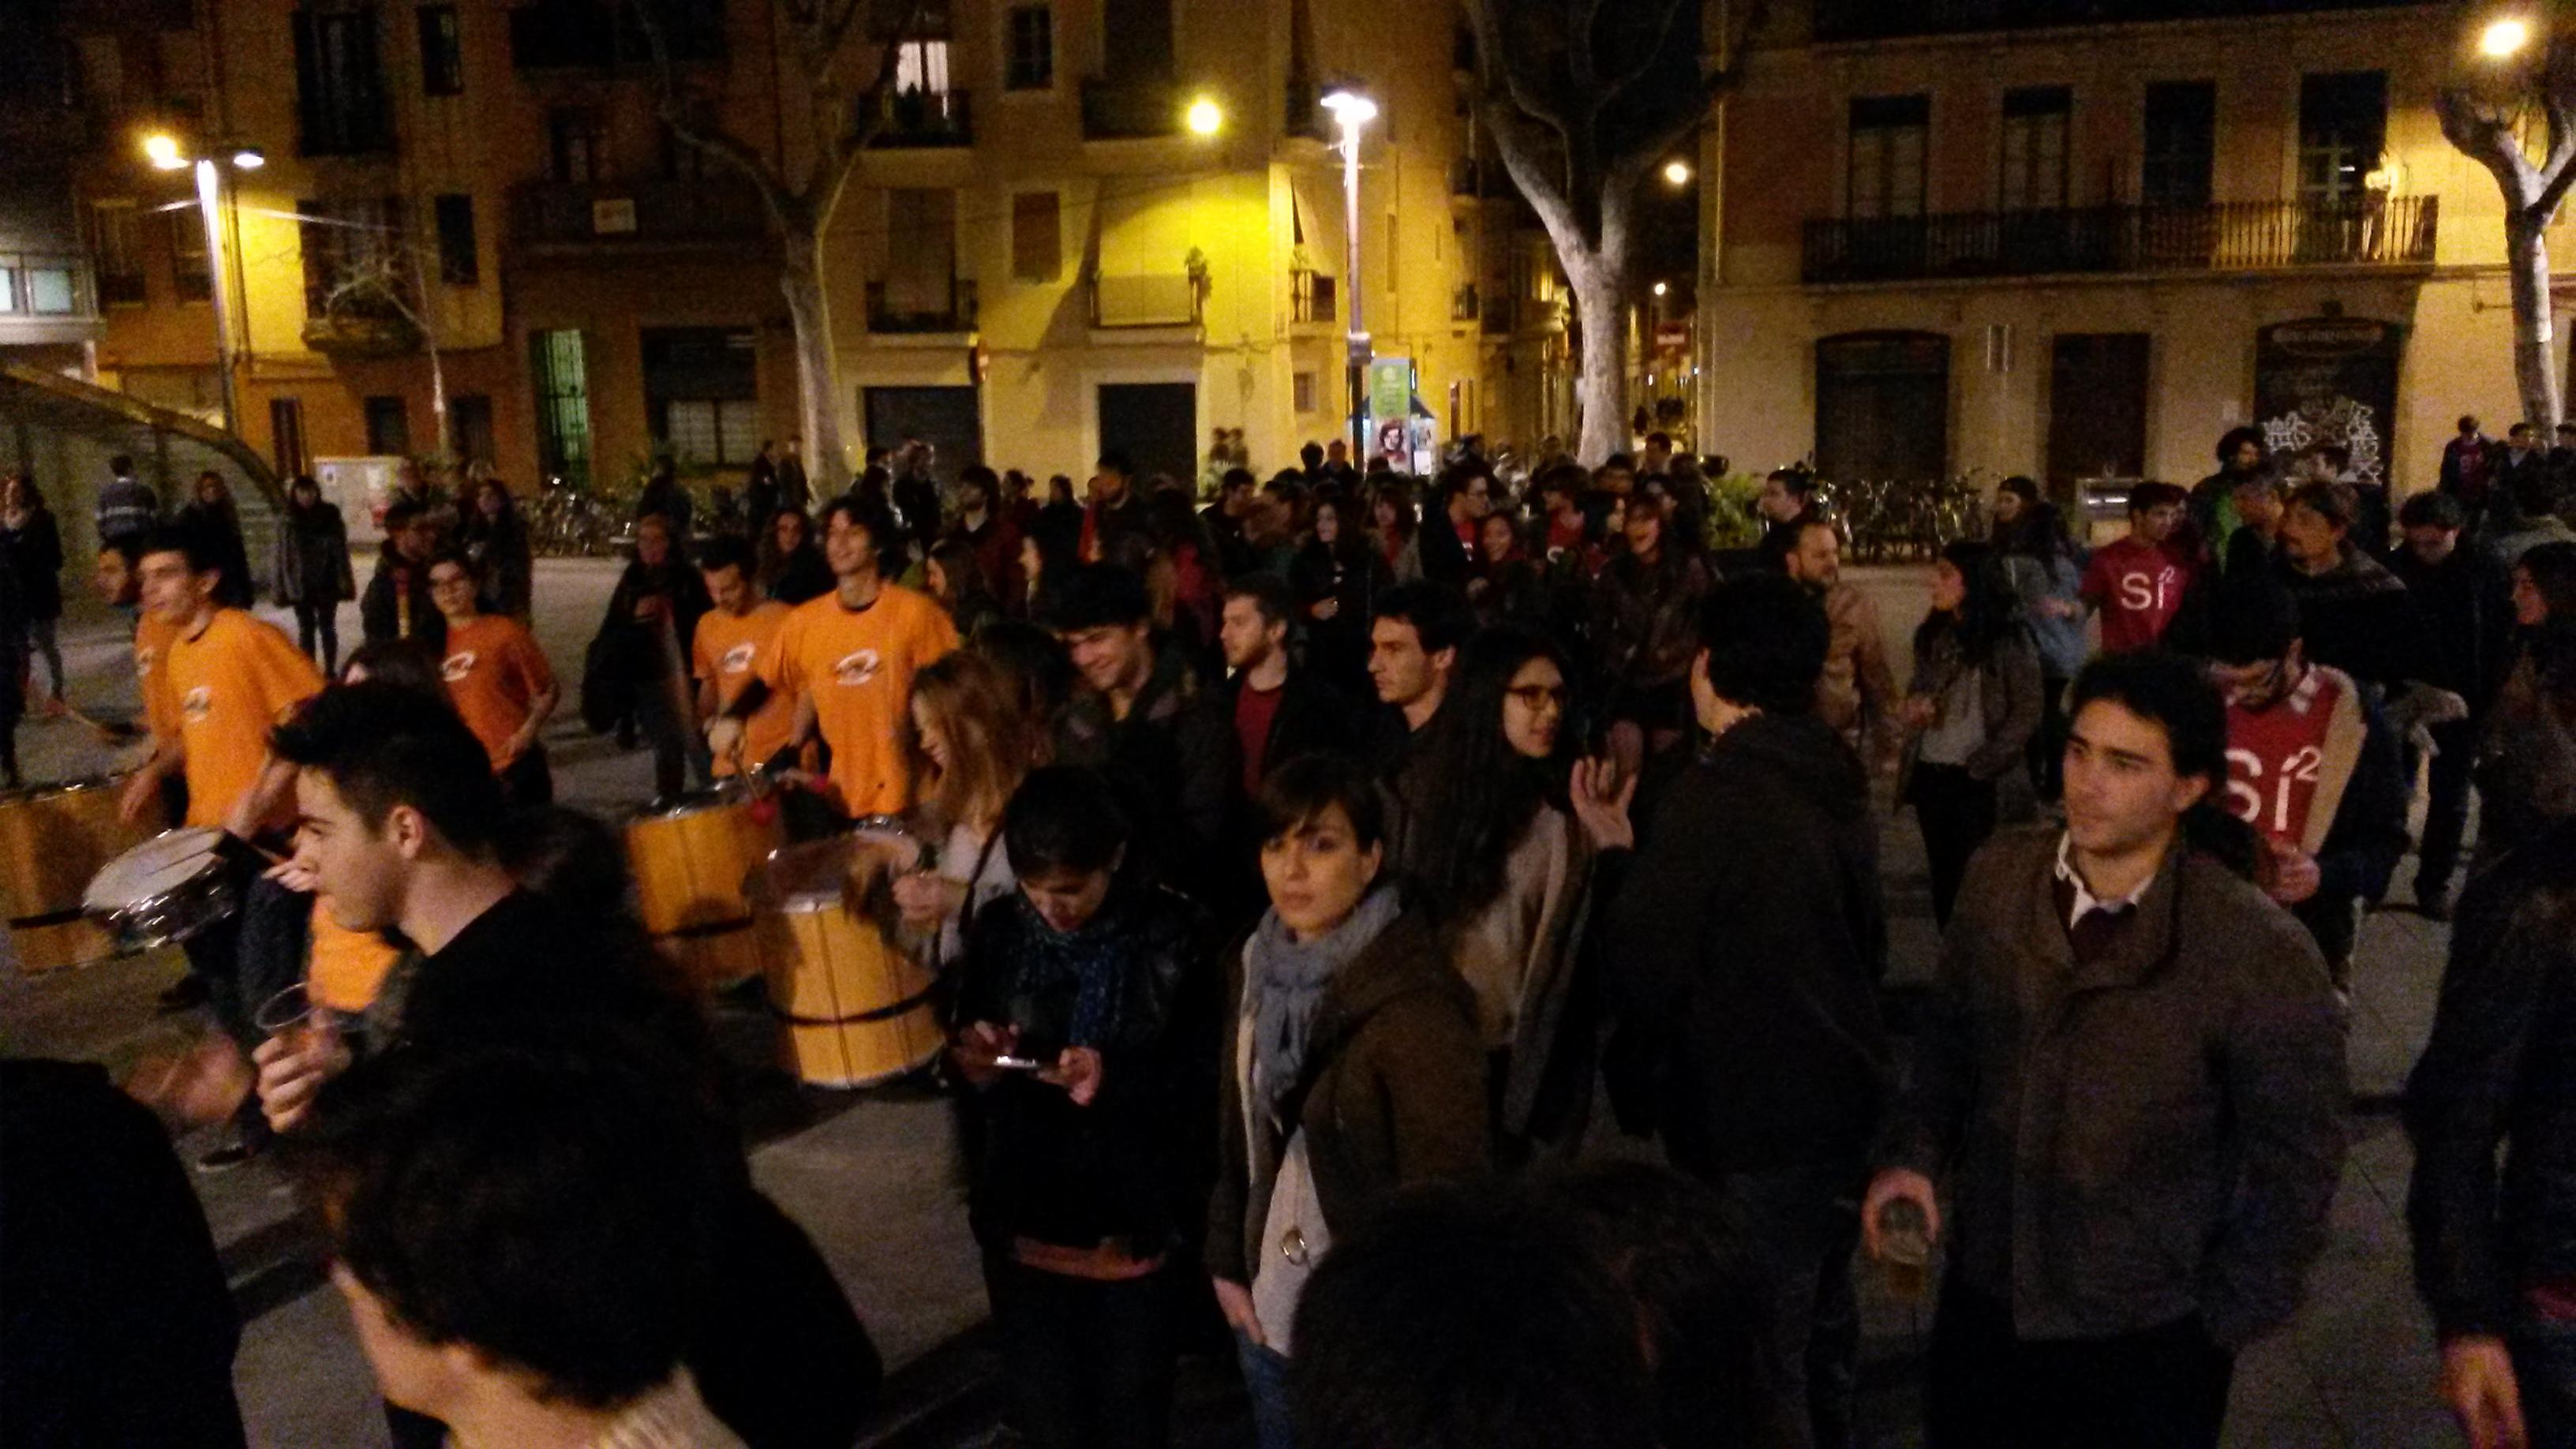 Correbars de les JERC a la vila de Gràcia